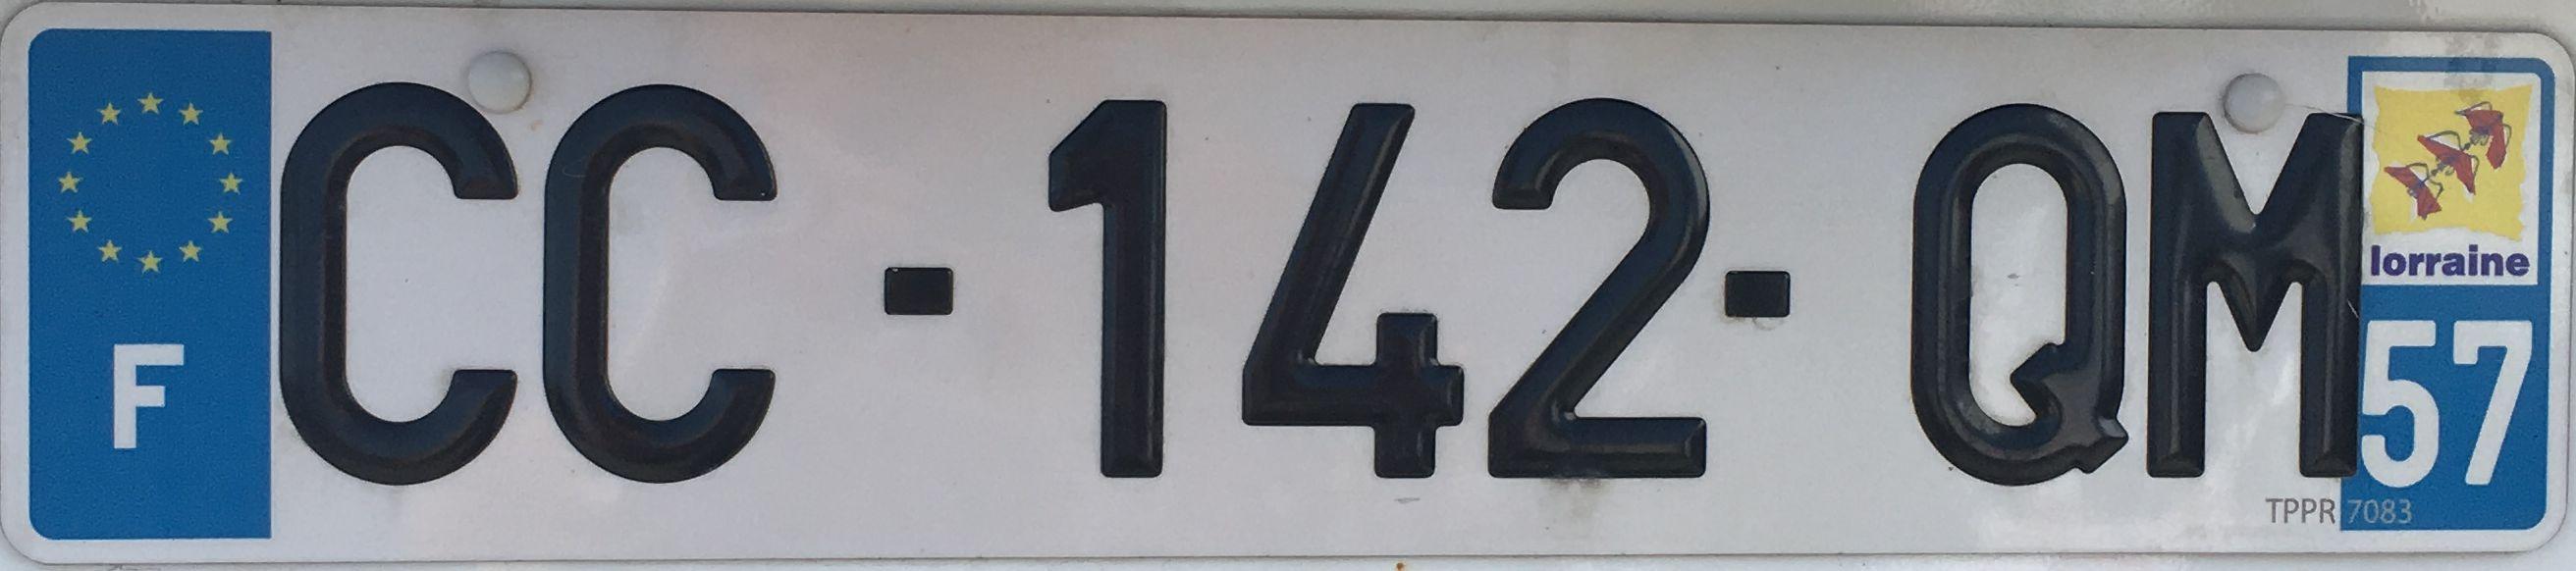 Francouzská registrační značka - 57 - Moselle, foto: www.podalnici.cz